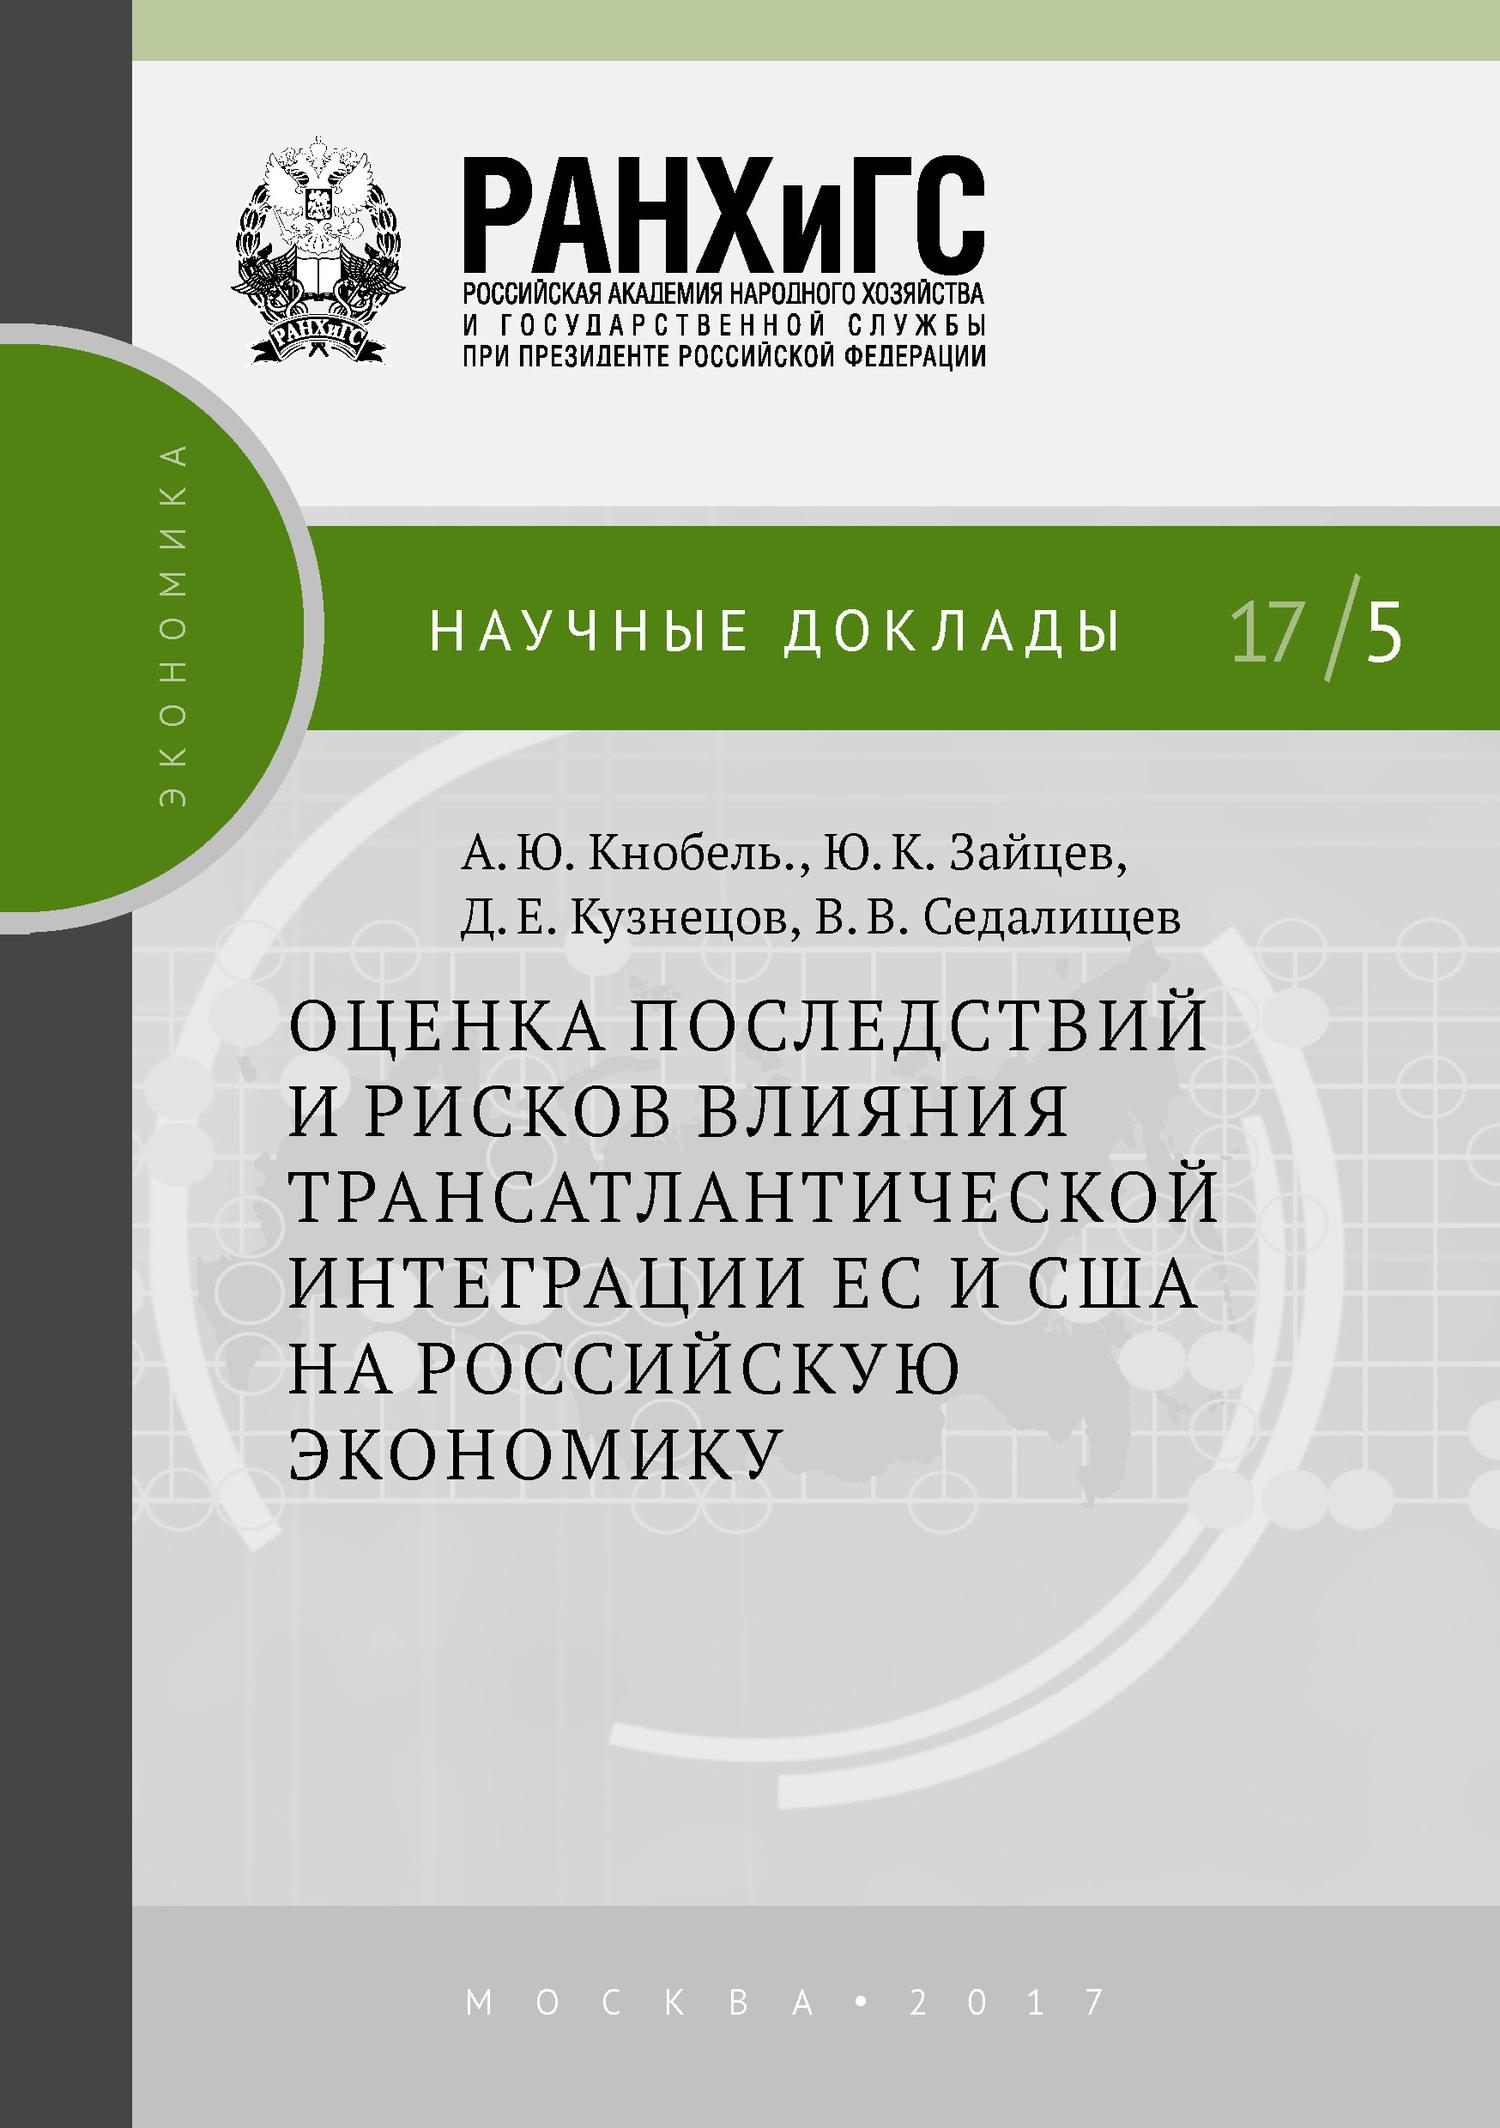 Обложка книги Оценка последствий и рисков влияния трансатлантической интеграции ЕС и США на российскую экономику